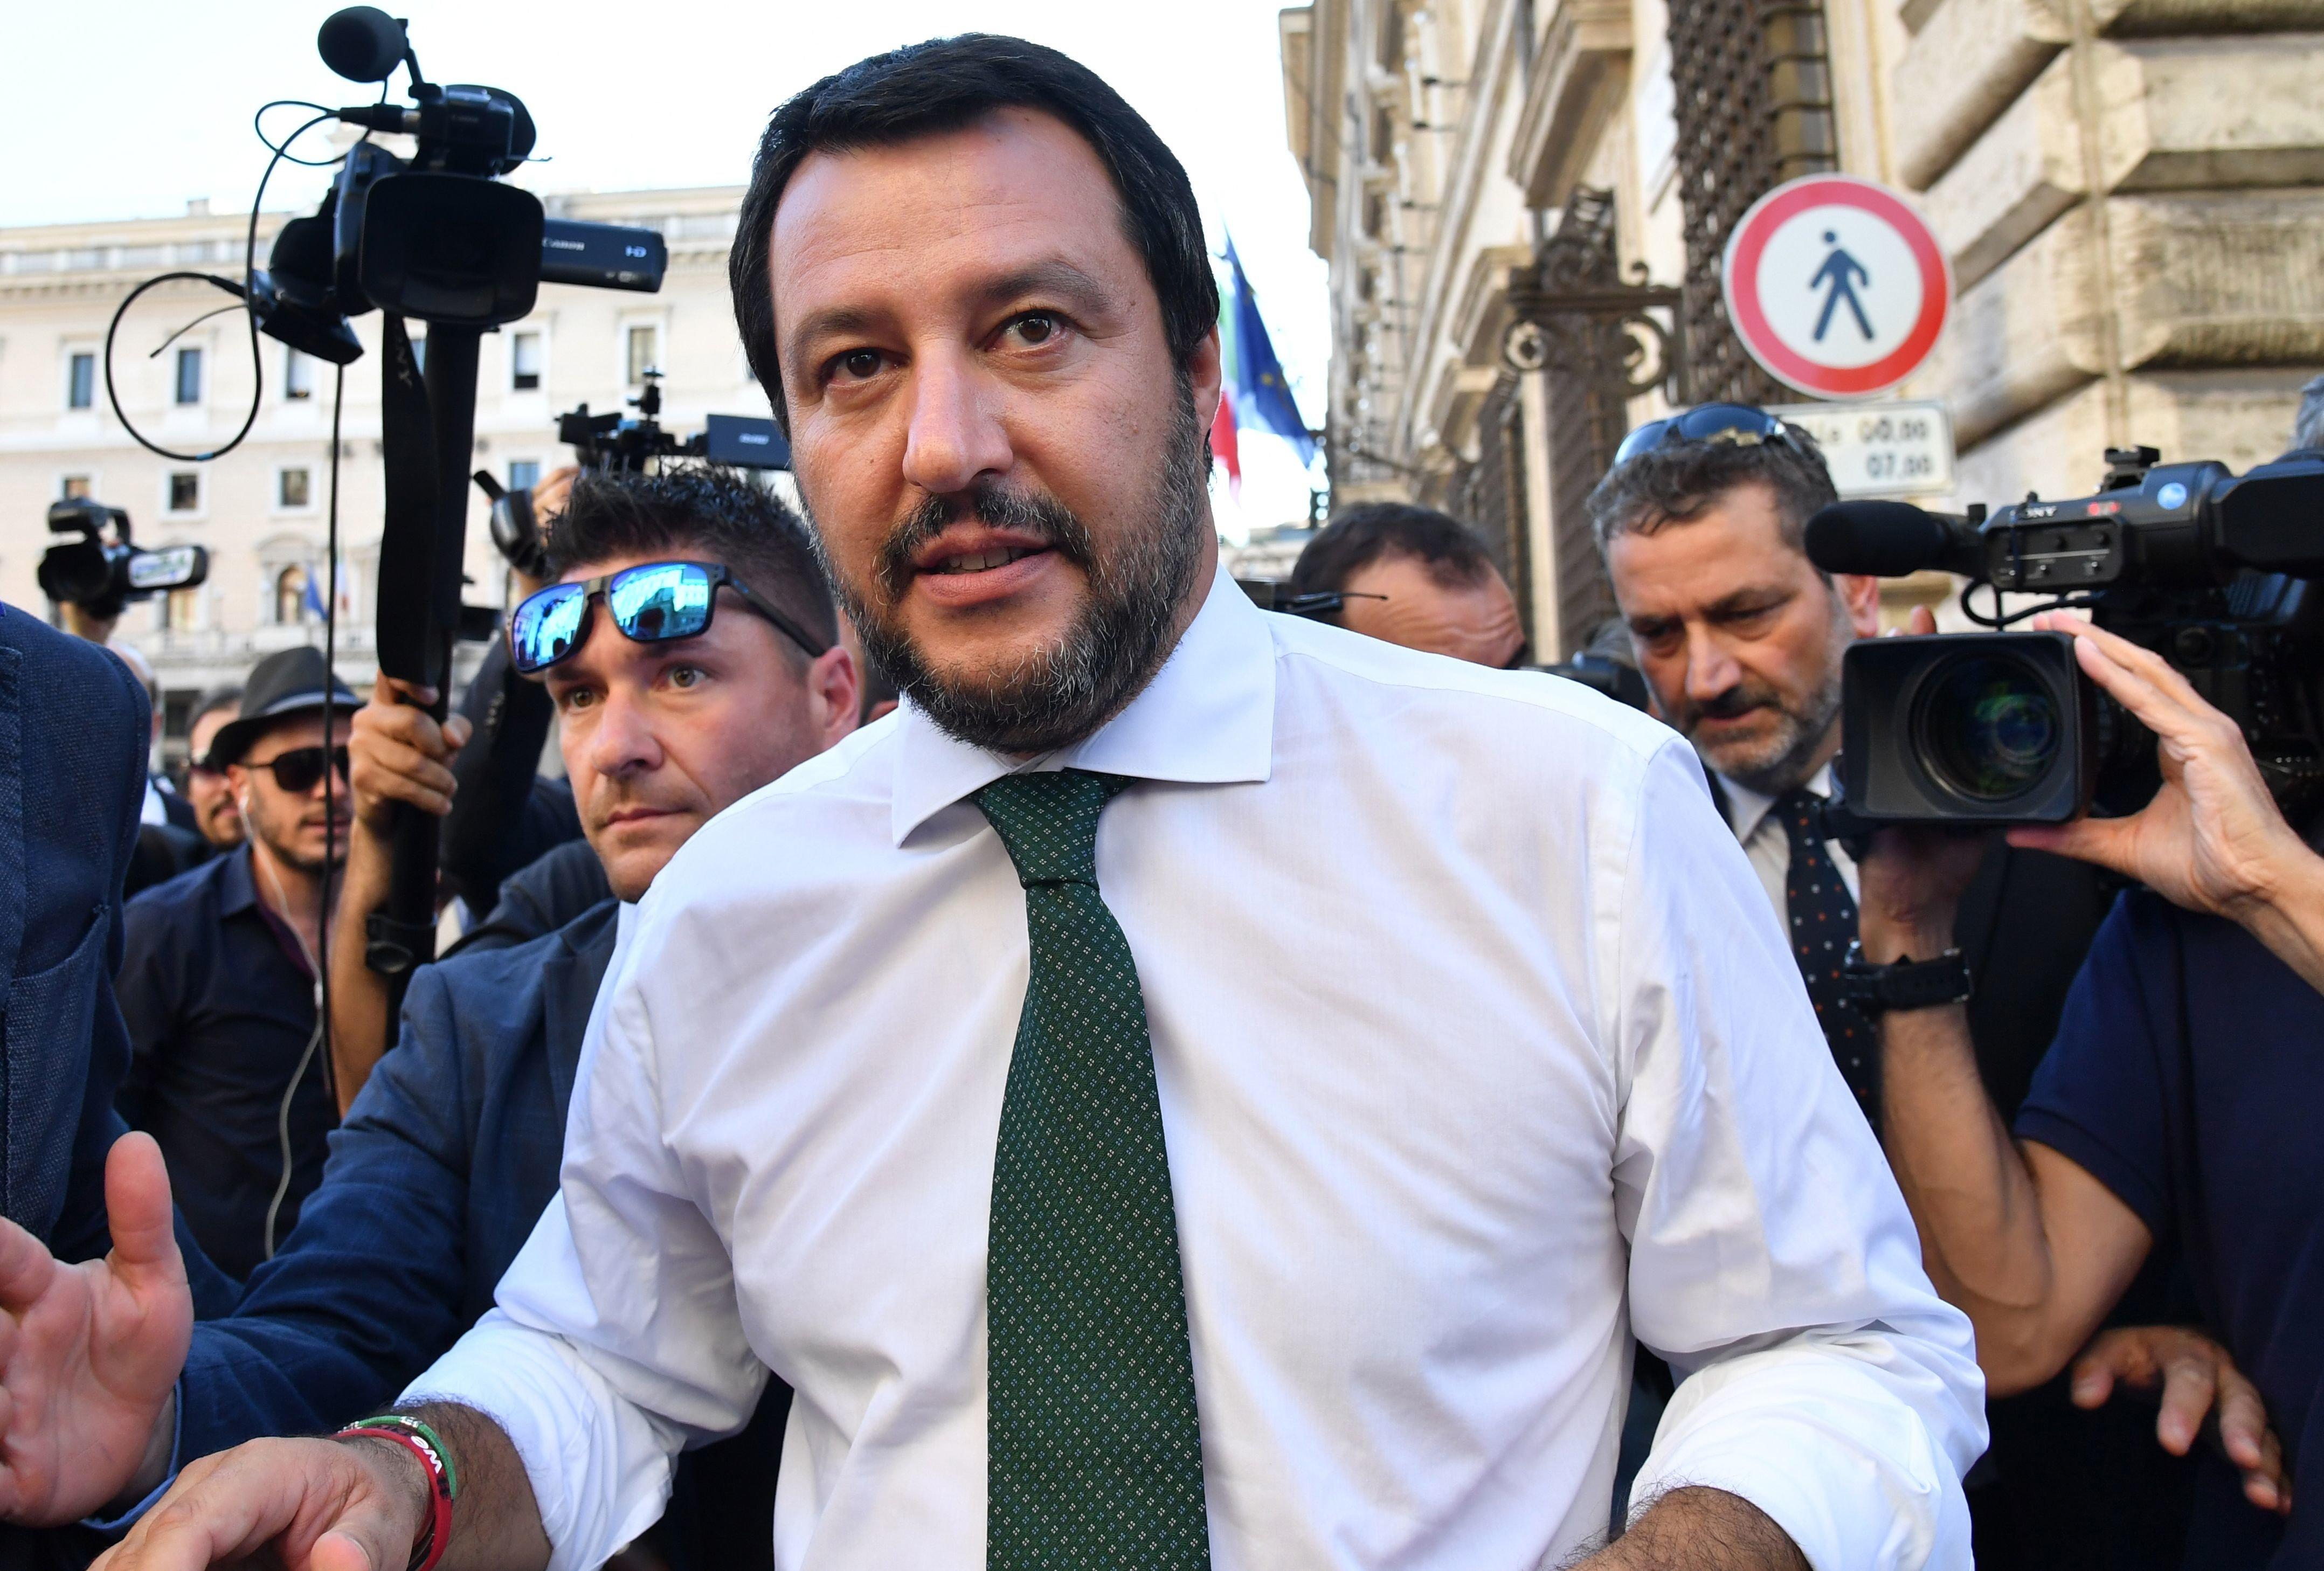 Pour le ministre de l'Intérieur italien, les migrants tunisiens sont des